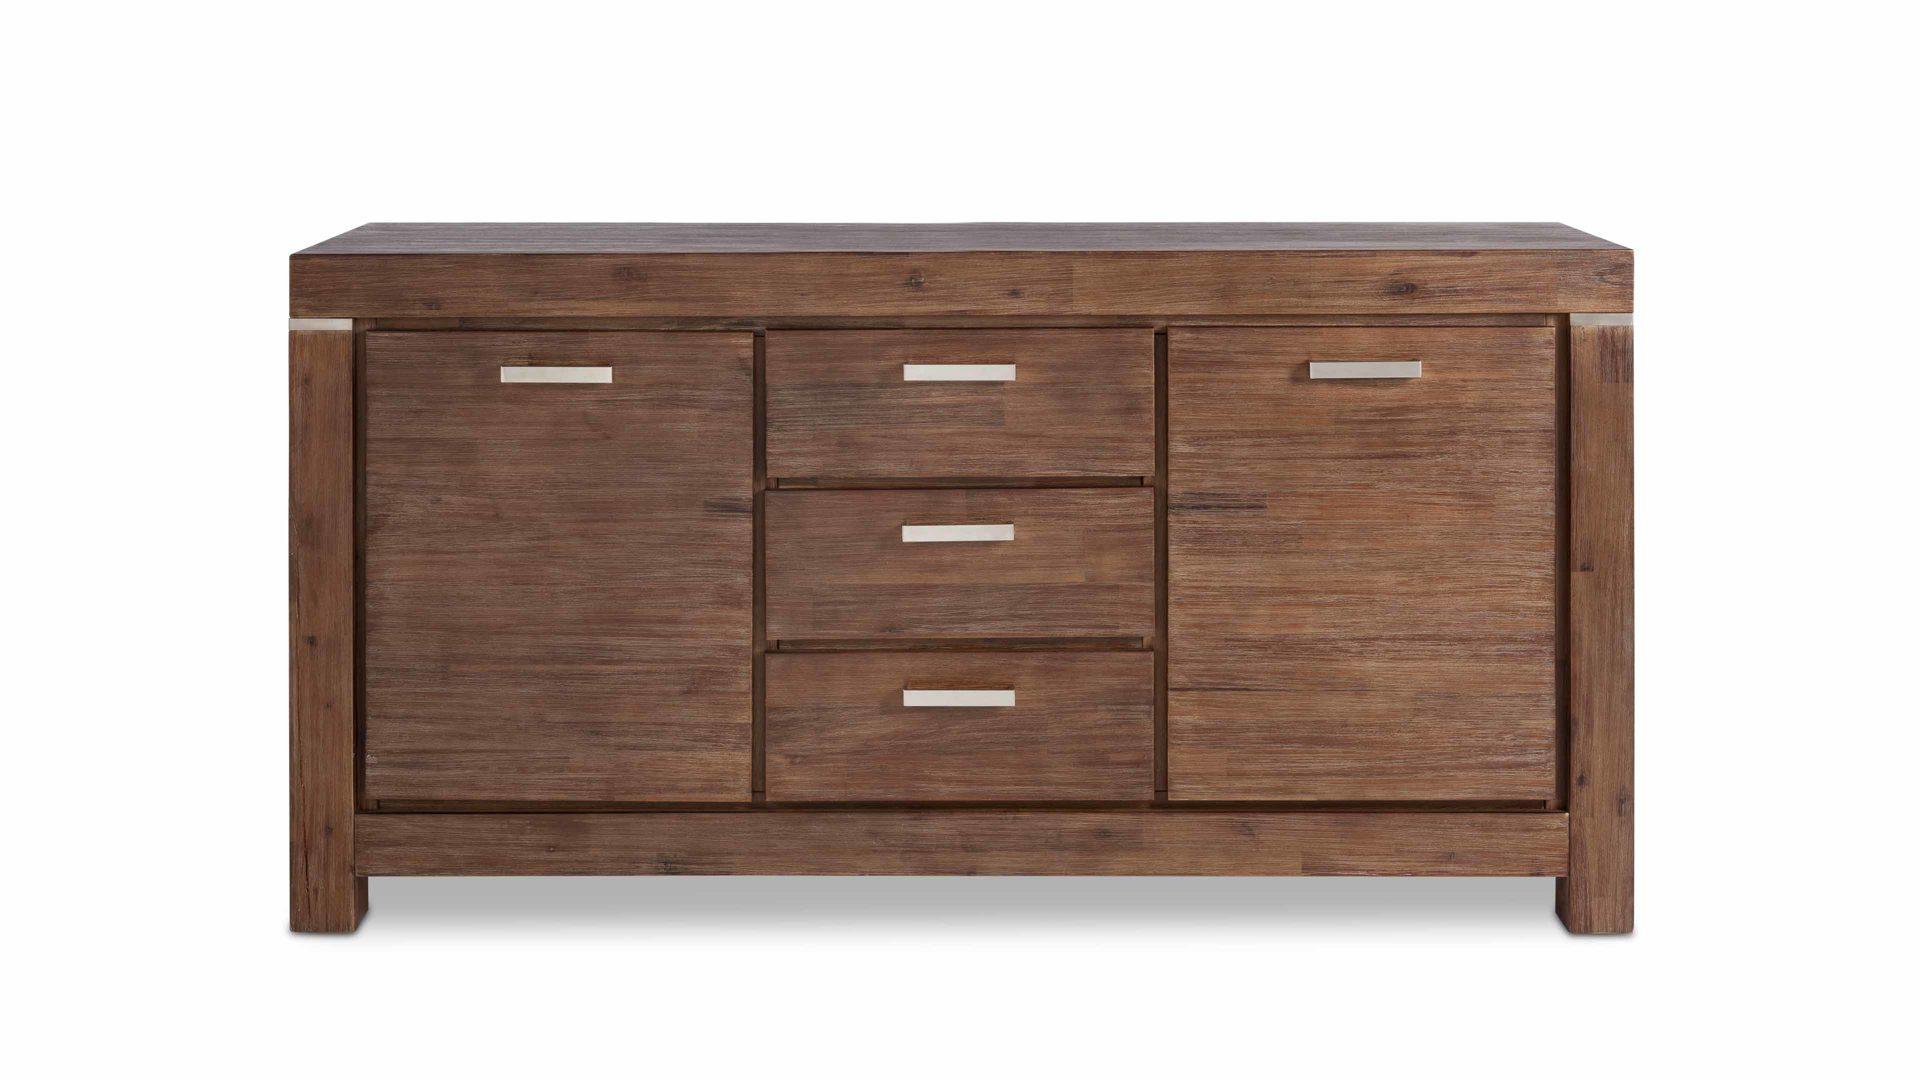 Sideboard Victoria, ein Massivholzmöbel mit Stauraum, braun geöltes &  gekälktes Akazienholz - zwei Türen, drei Schubladen